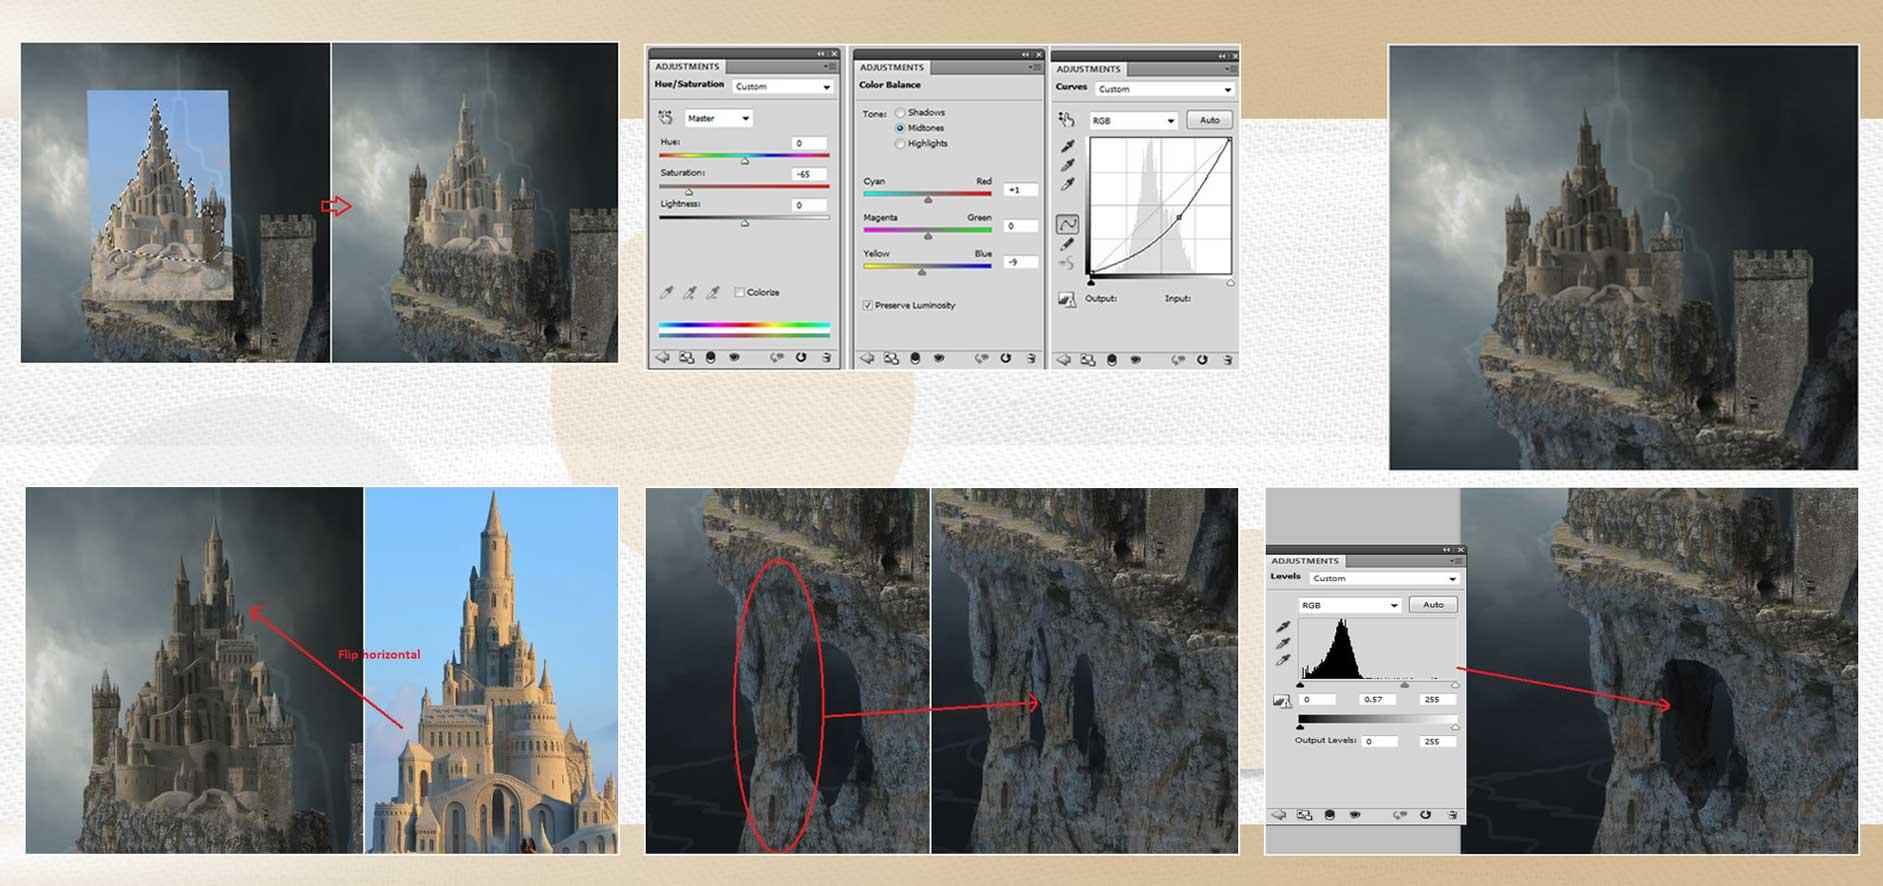 sakhte ghalee 11 - آموزش تصویری ساخت قلعه در فتوشاپ